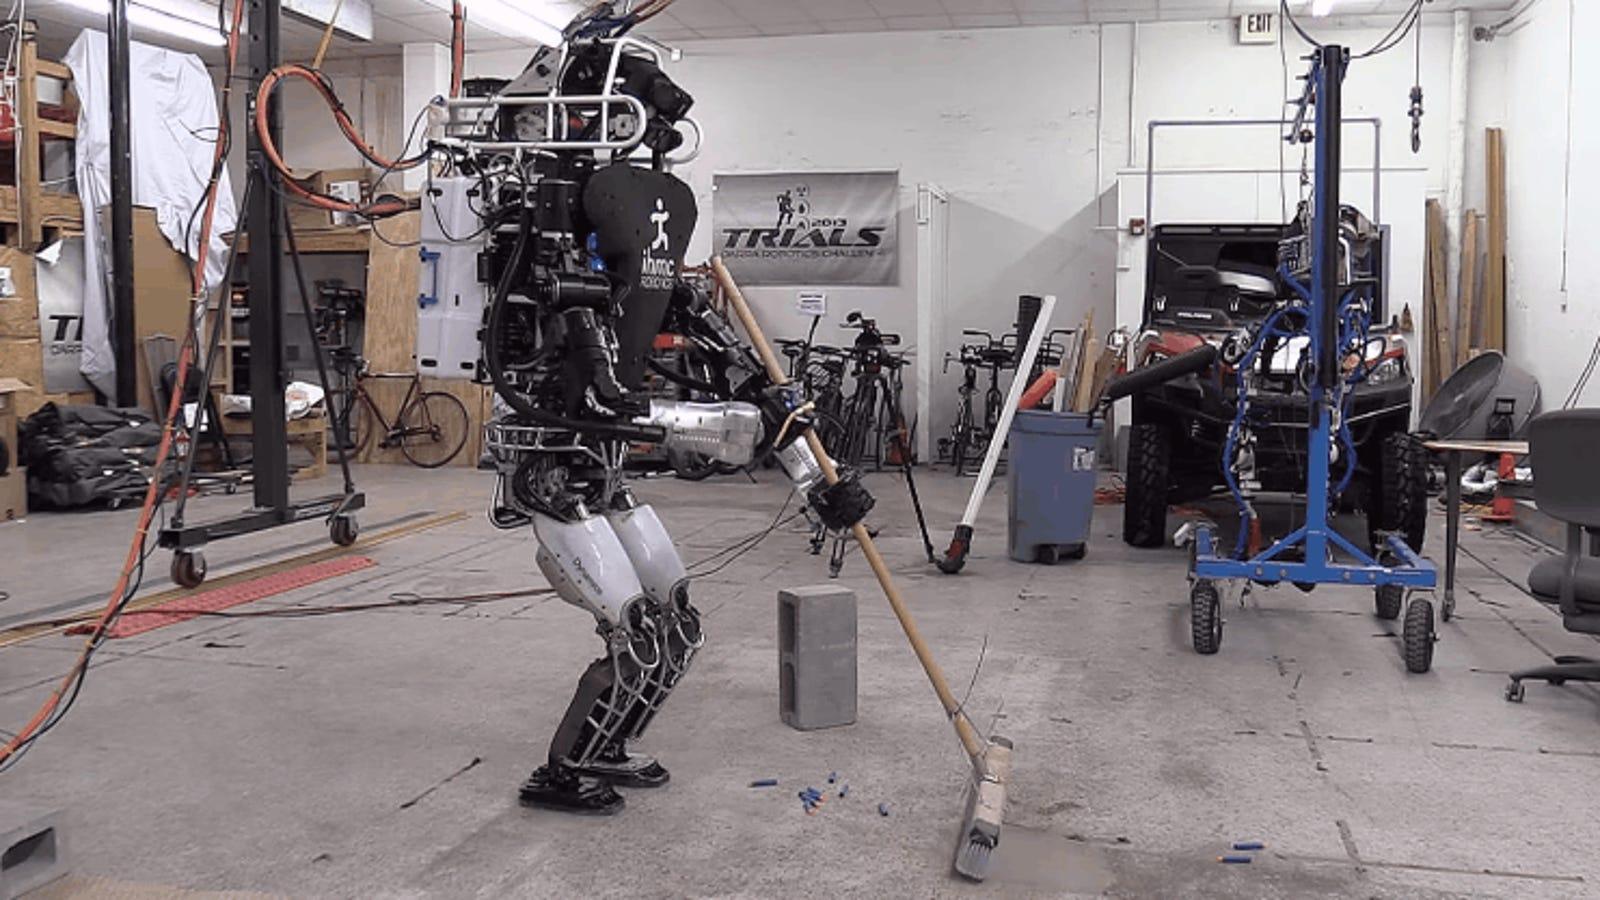 El nuevo logro de Boston Dynamics: enseñar a su robot Atlas a limpiar y hacer tareas varias